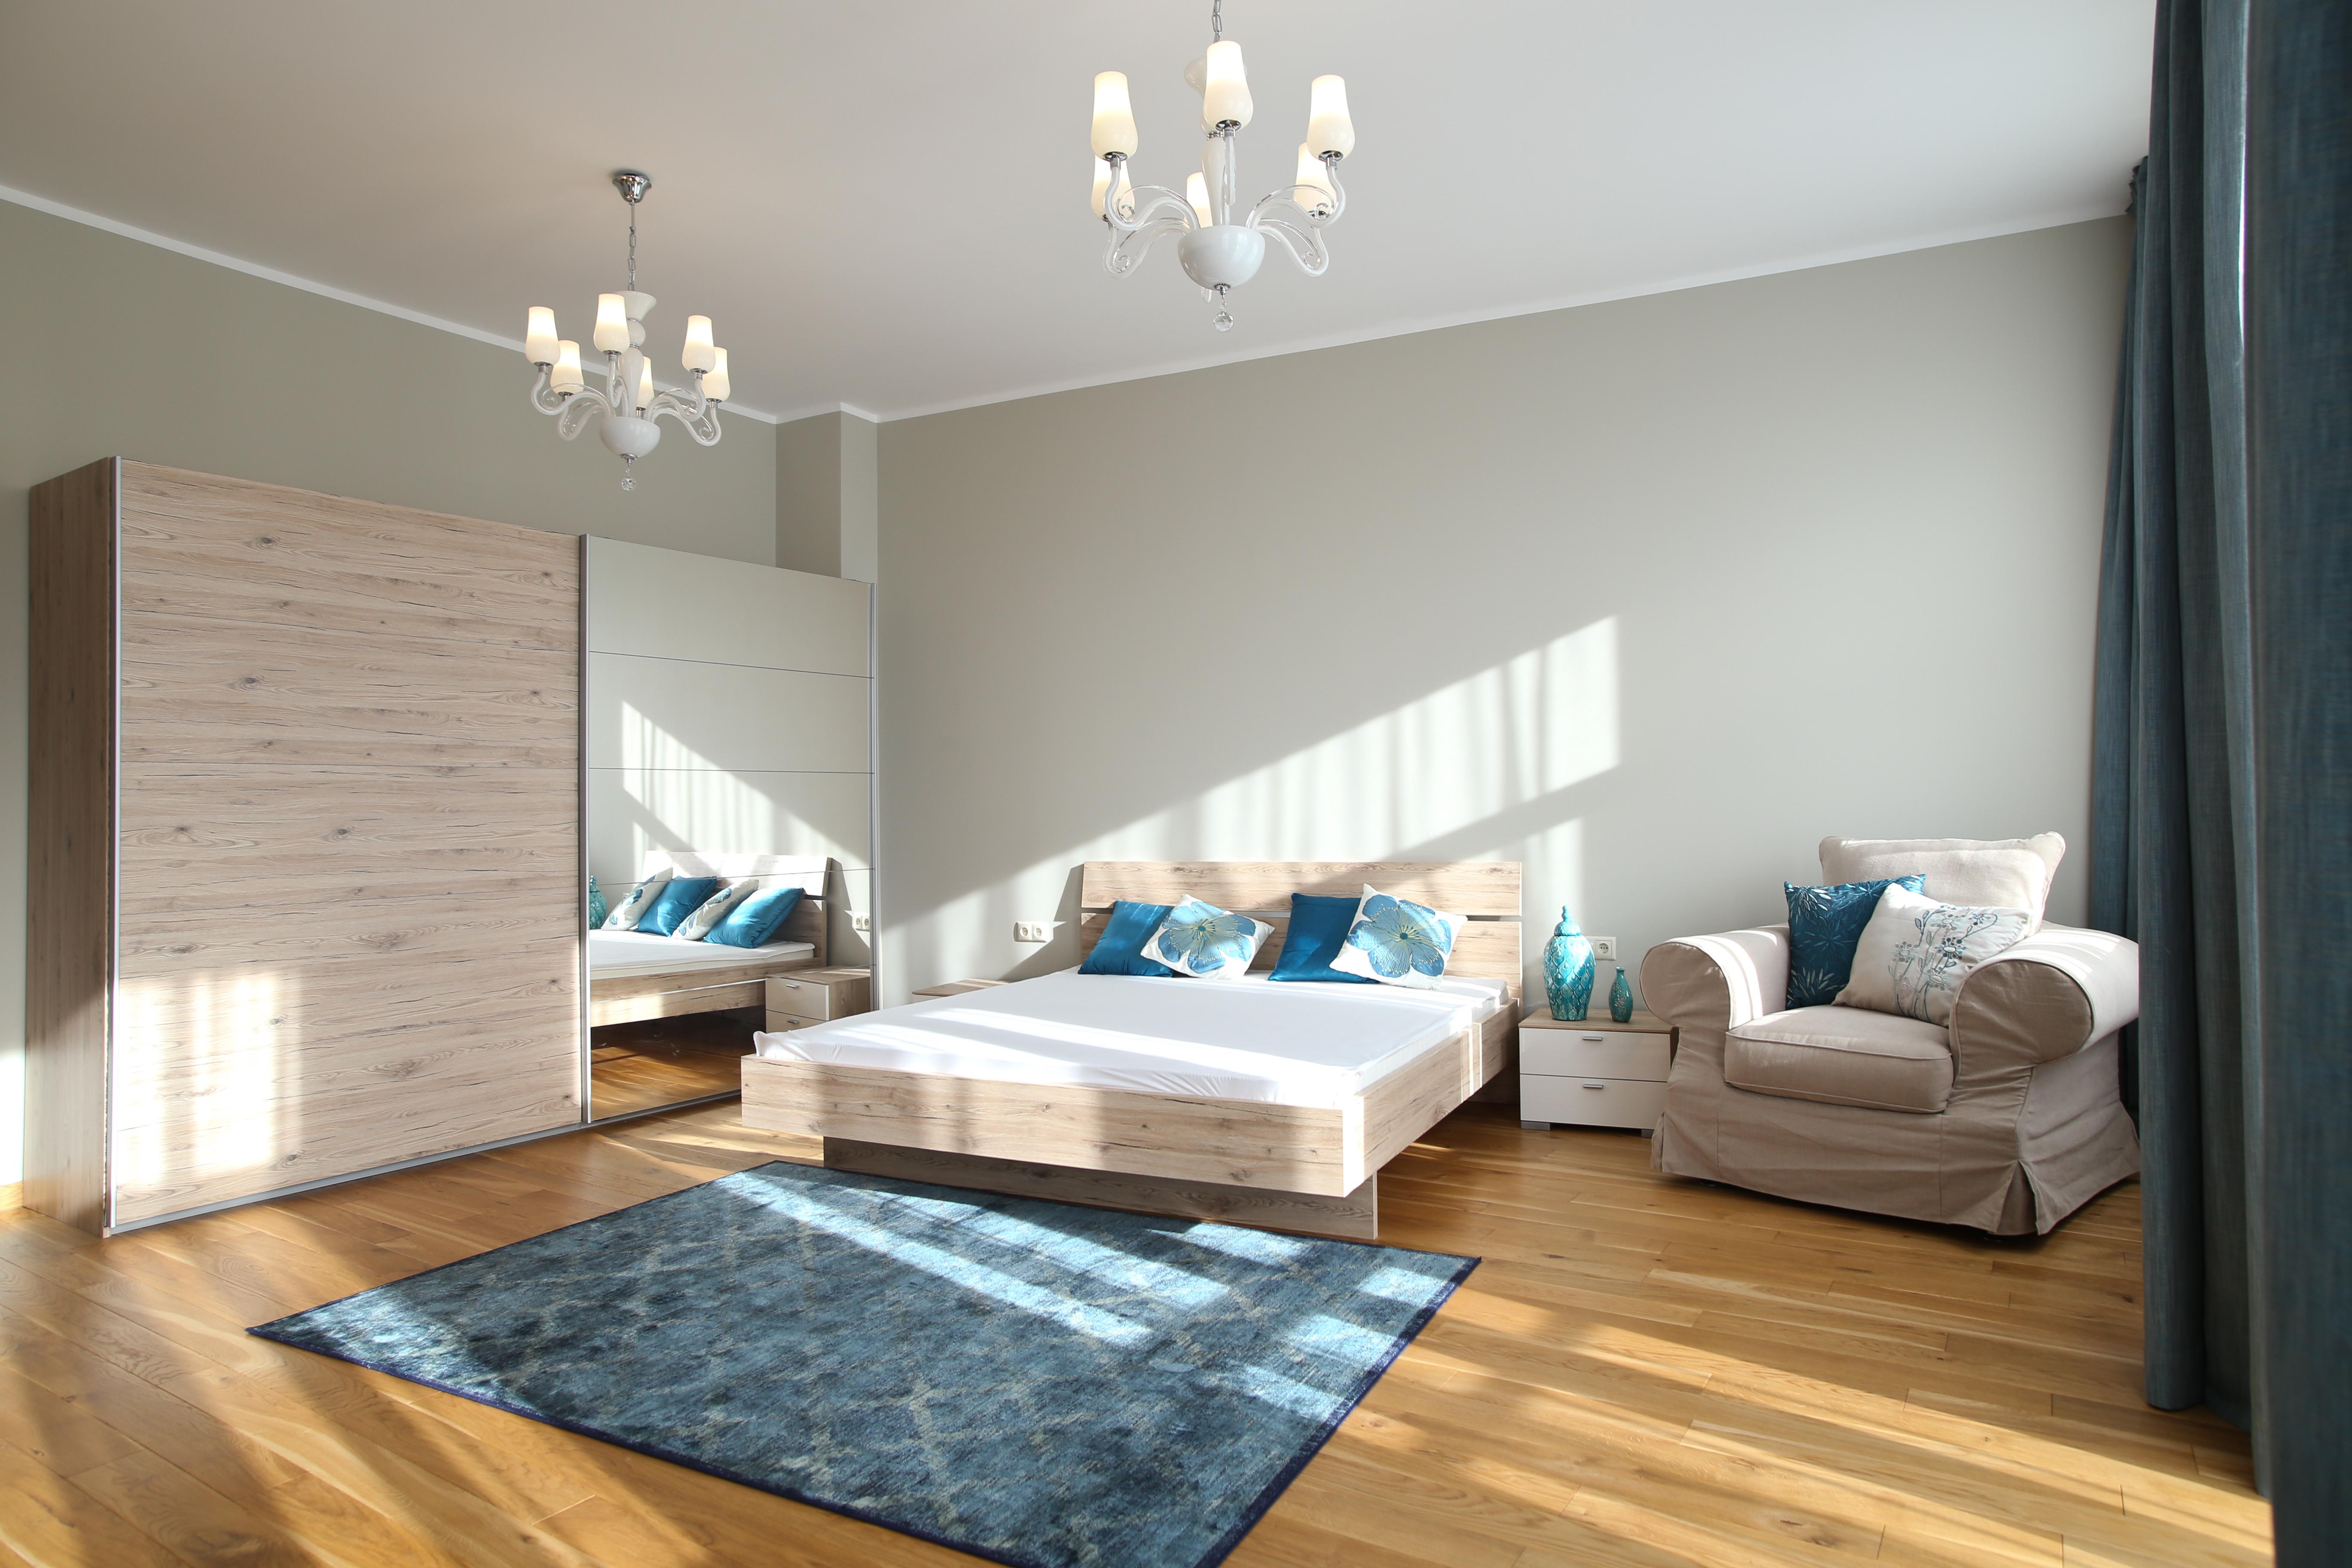 Rent apartment in Riga - NOW long term! - Riga Lux Apartments